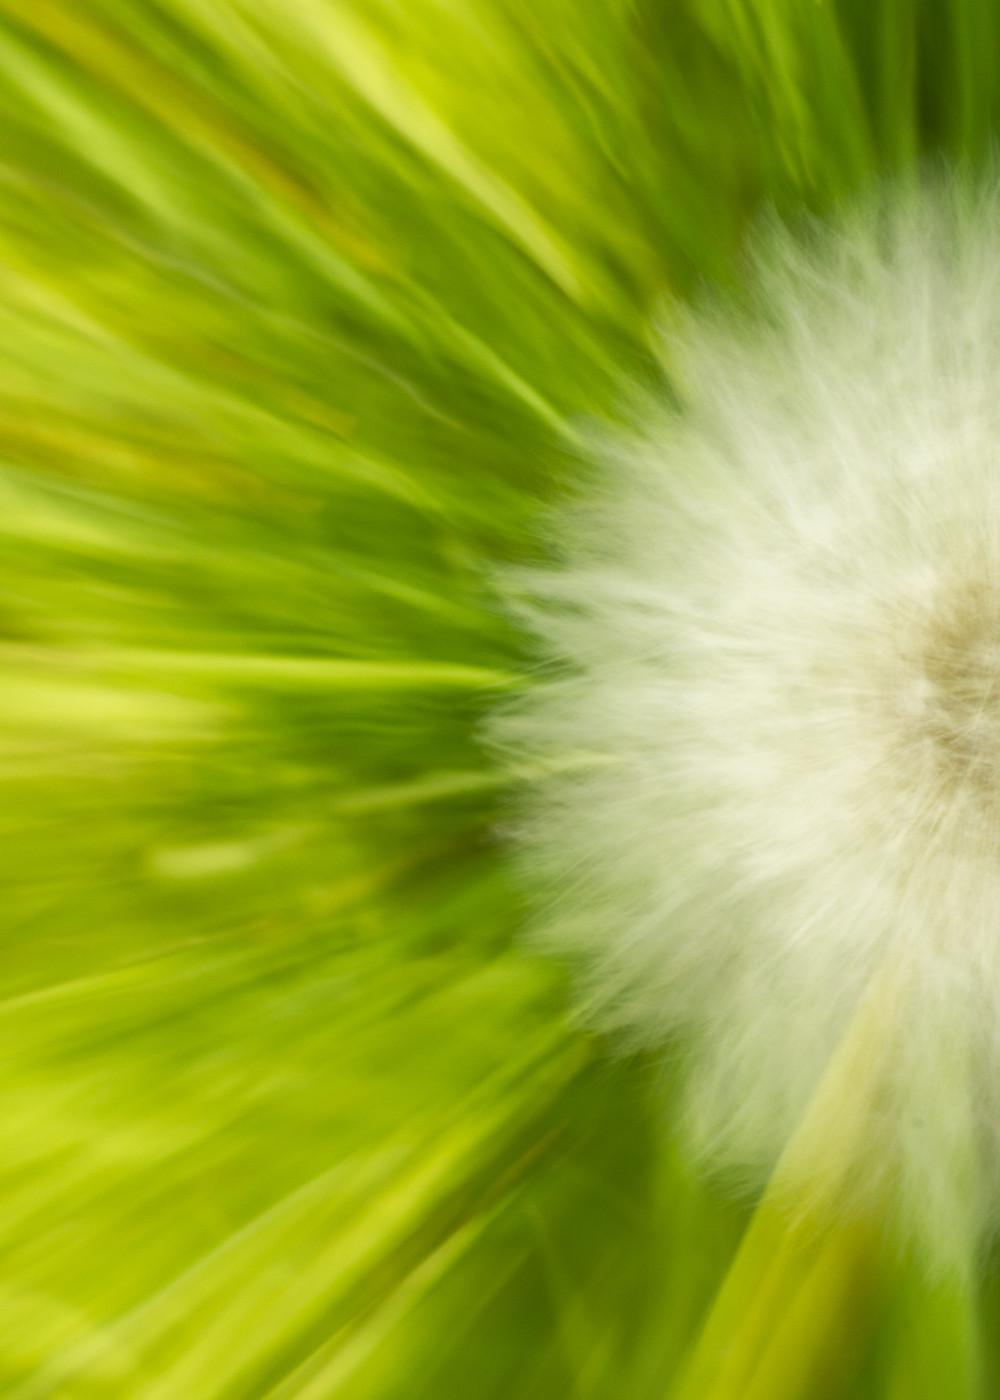 Zoomed image of half a dandelion